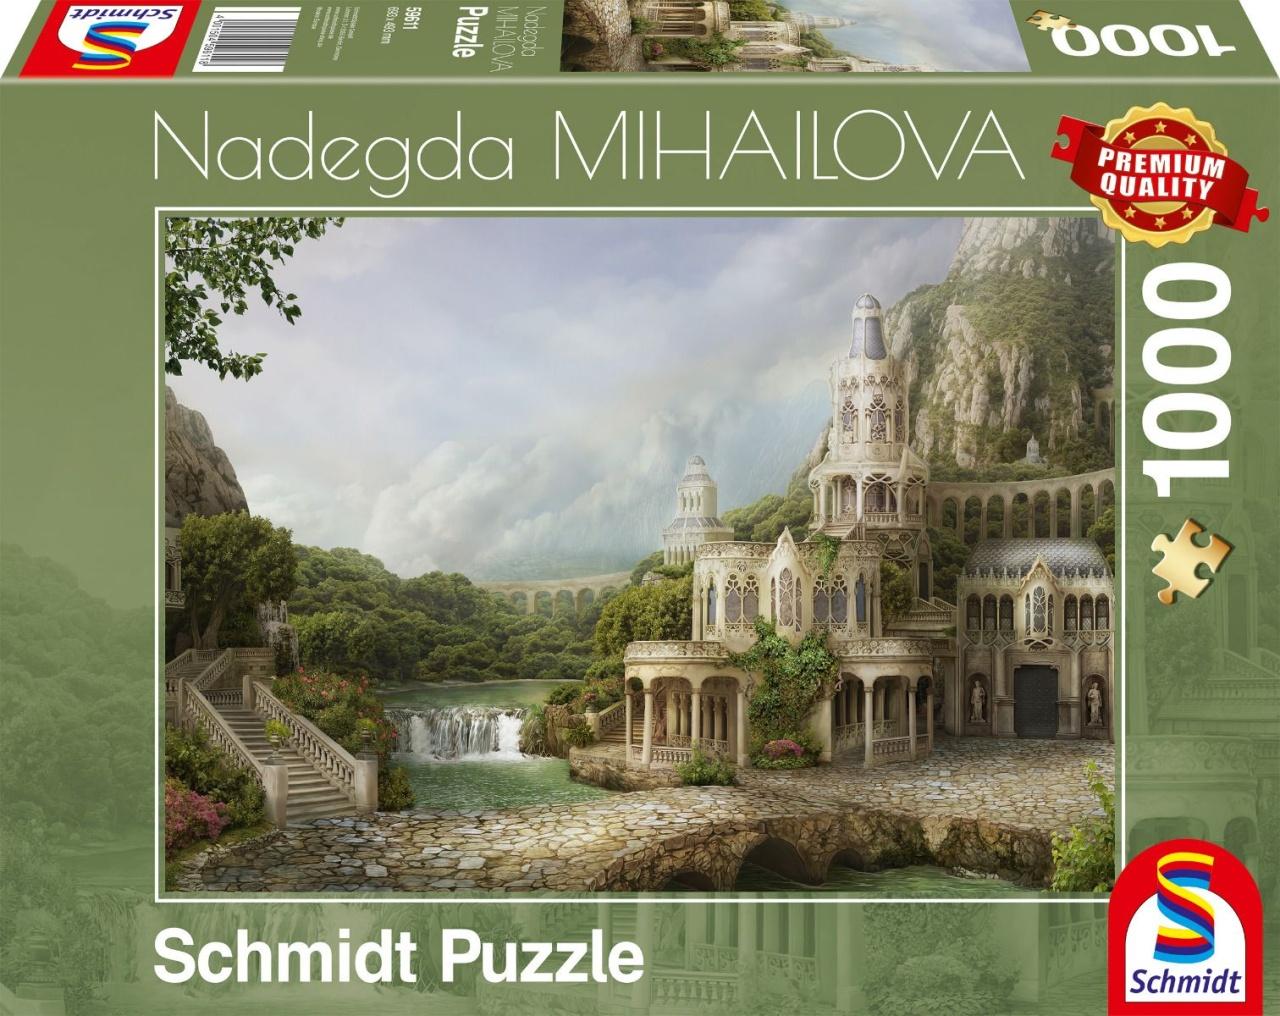 Schmidt Spiele Puzzle Nadegda Mihailova Palais in den Bergen